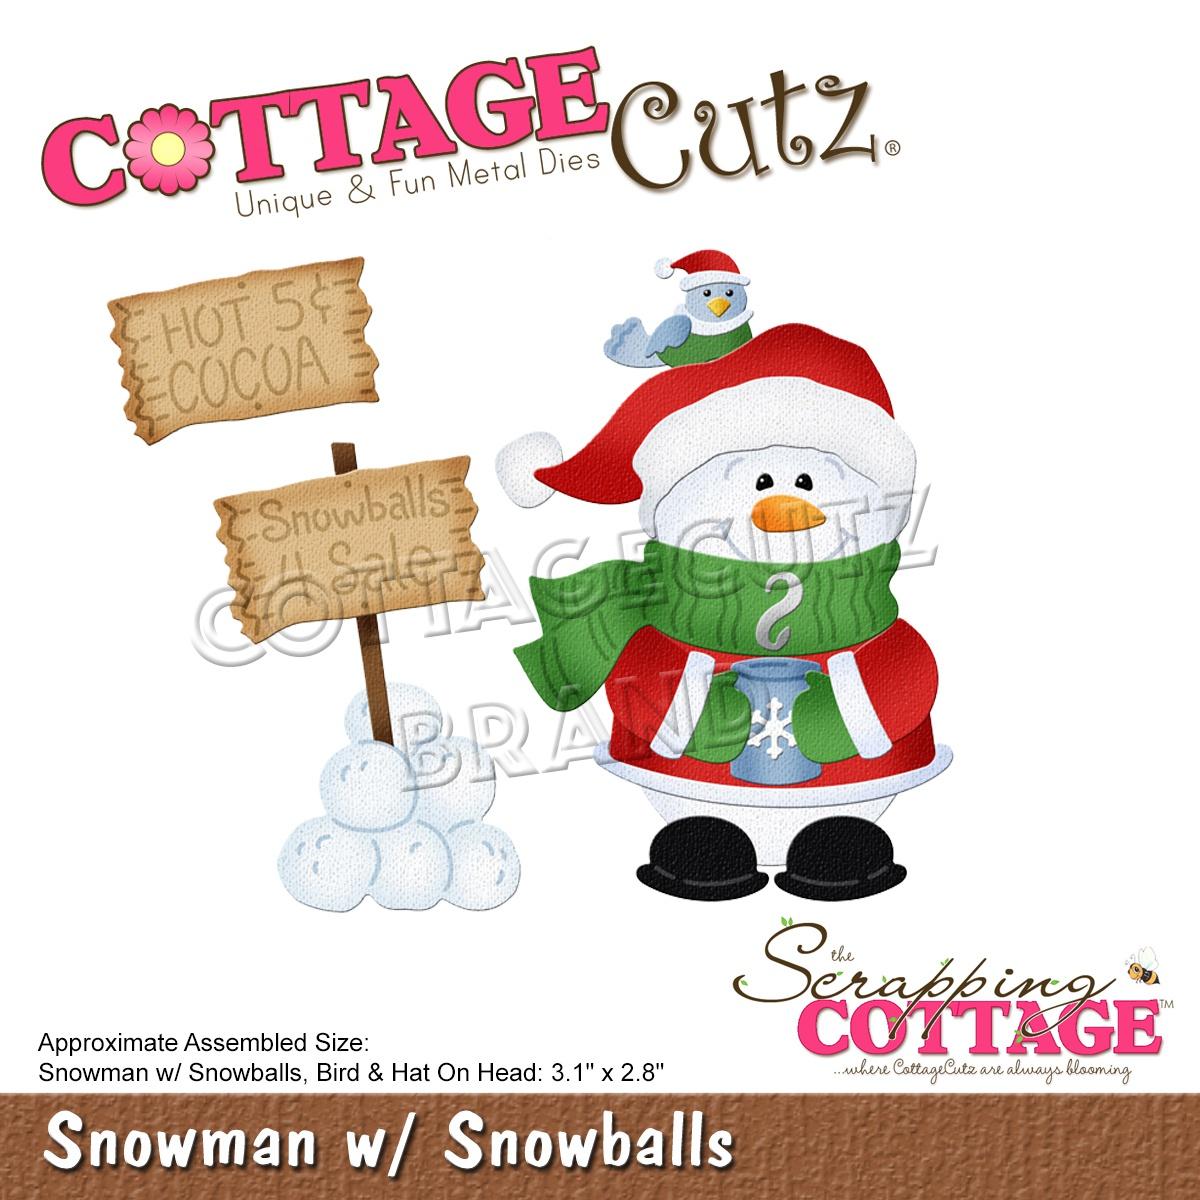 Snowman W/Snowballs Die